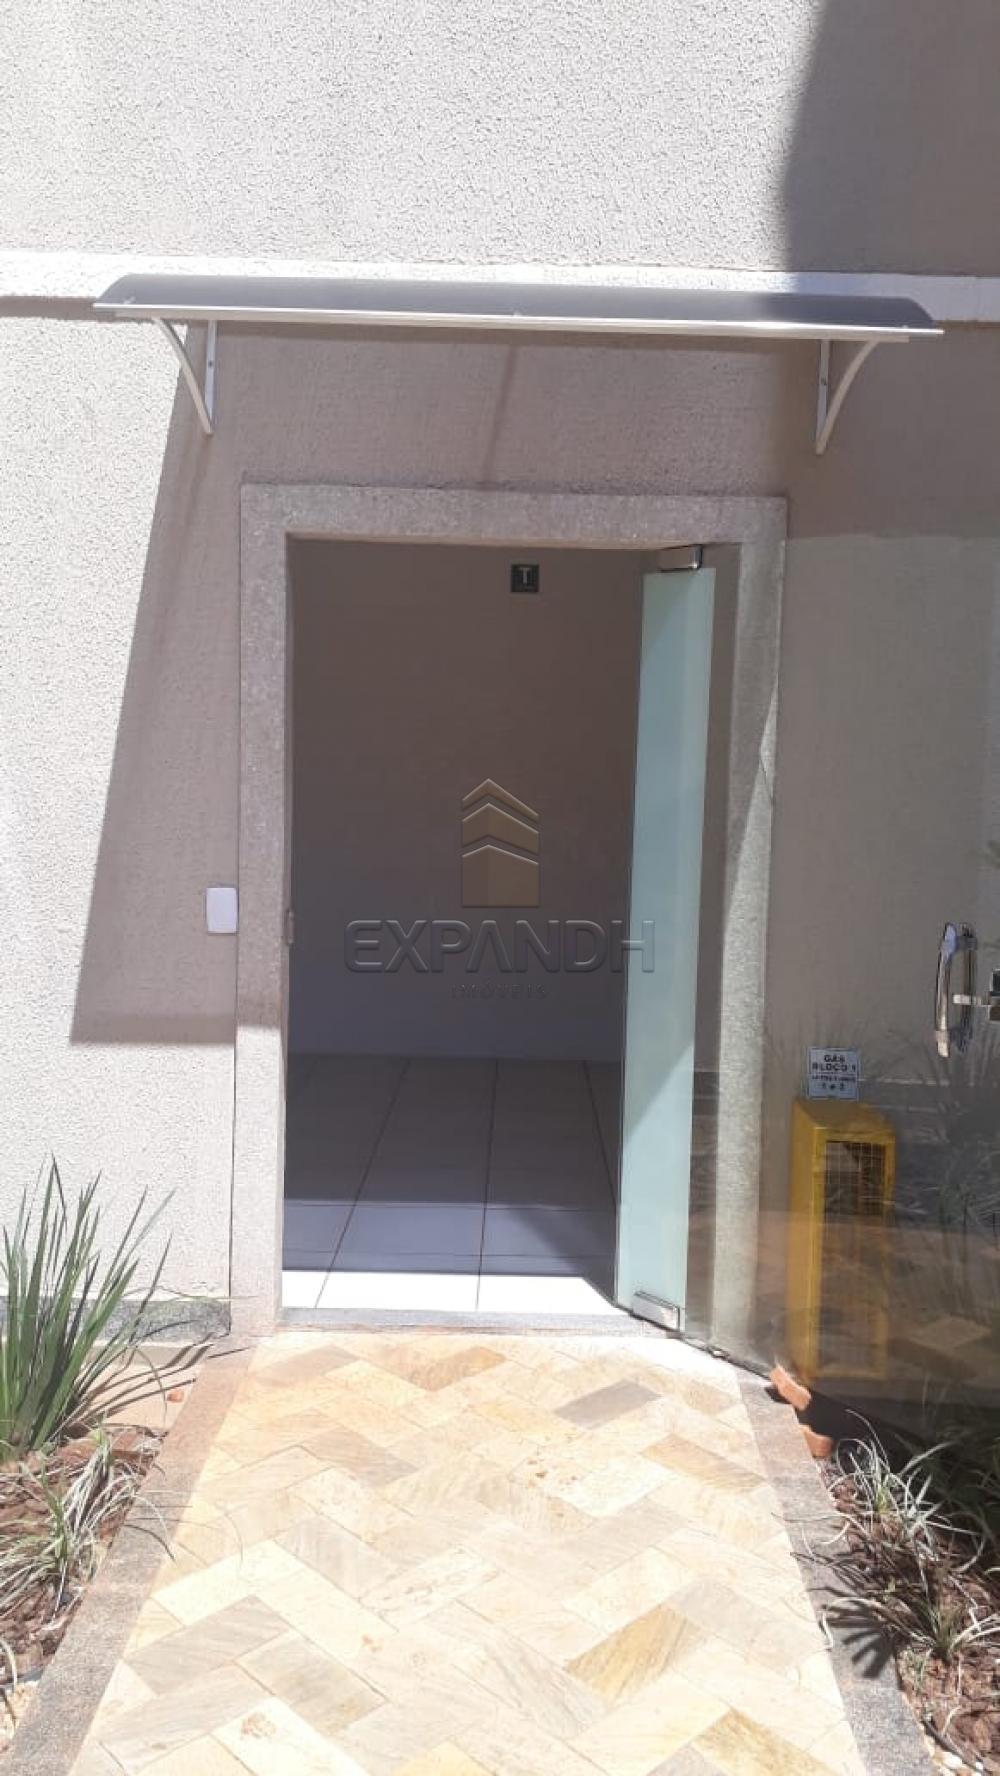 Comprar Apartamentos / Padrão em Sertãozinho apenas R$ 138.900,00 - Foto 14